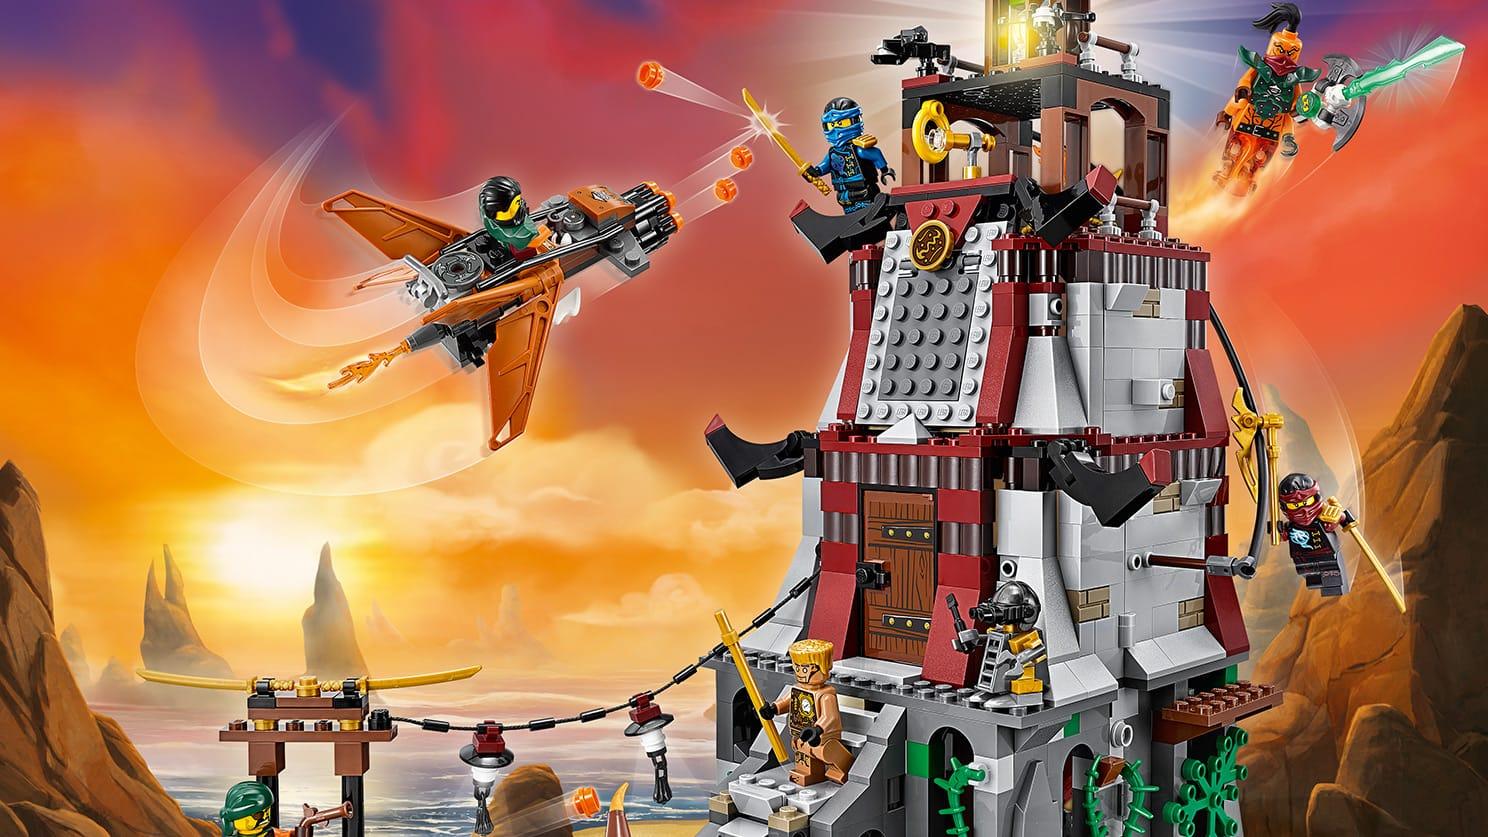 принт-магнит картинки лего ниндзя го с небесными пиратами попав